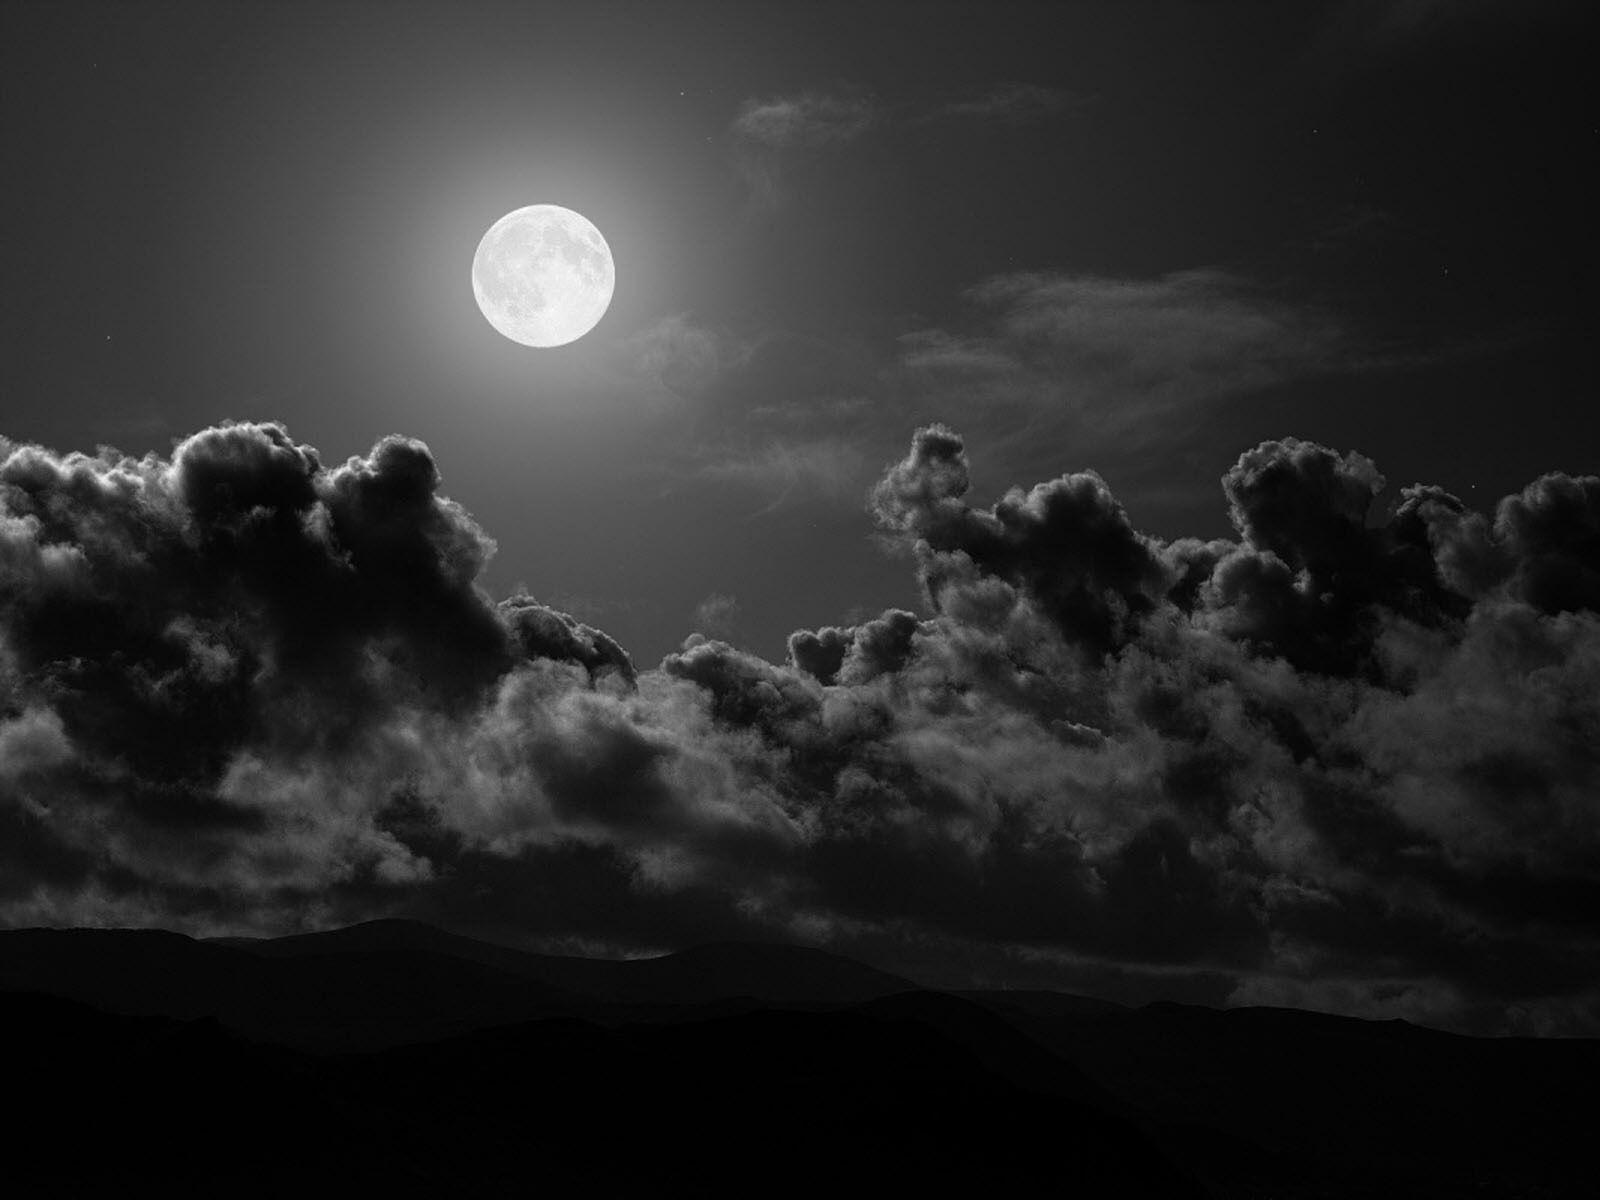 20130605 033011 Jpg 1600 1200 Fond D Ecran Lune Photographie De La Lune Pleine Lune